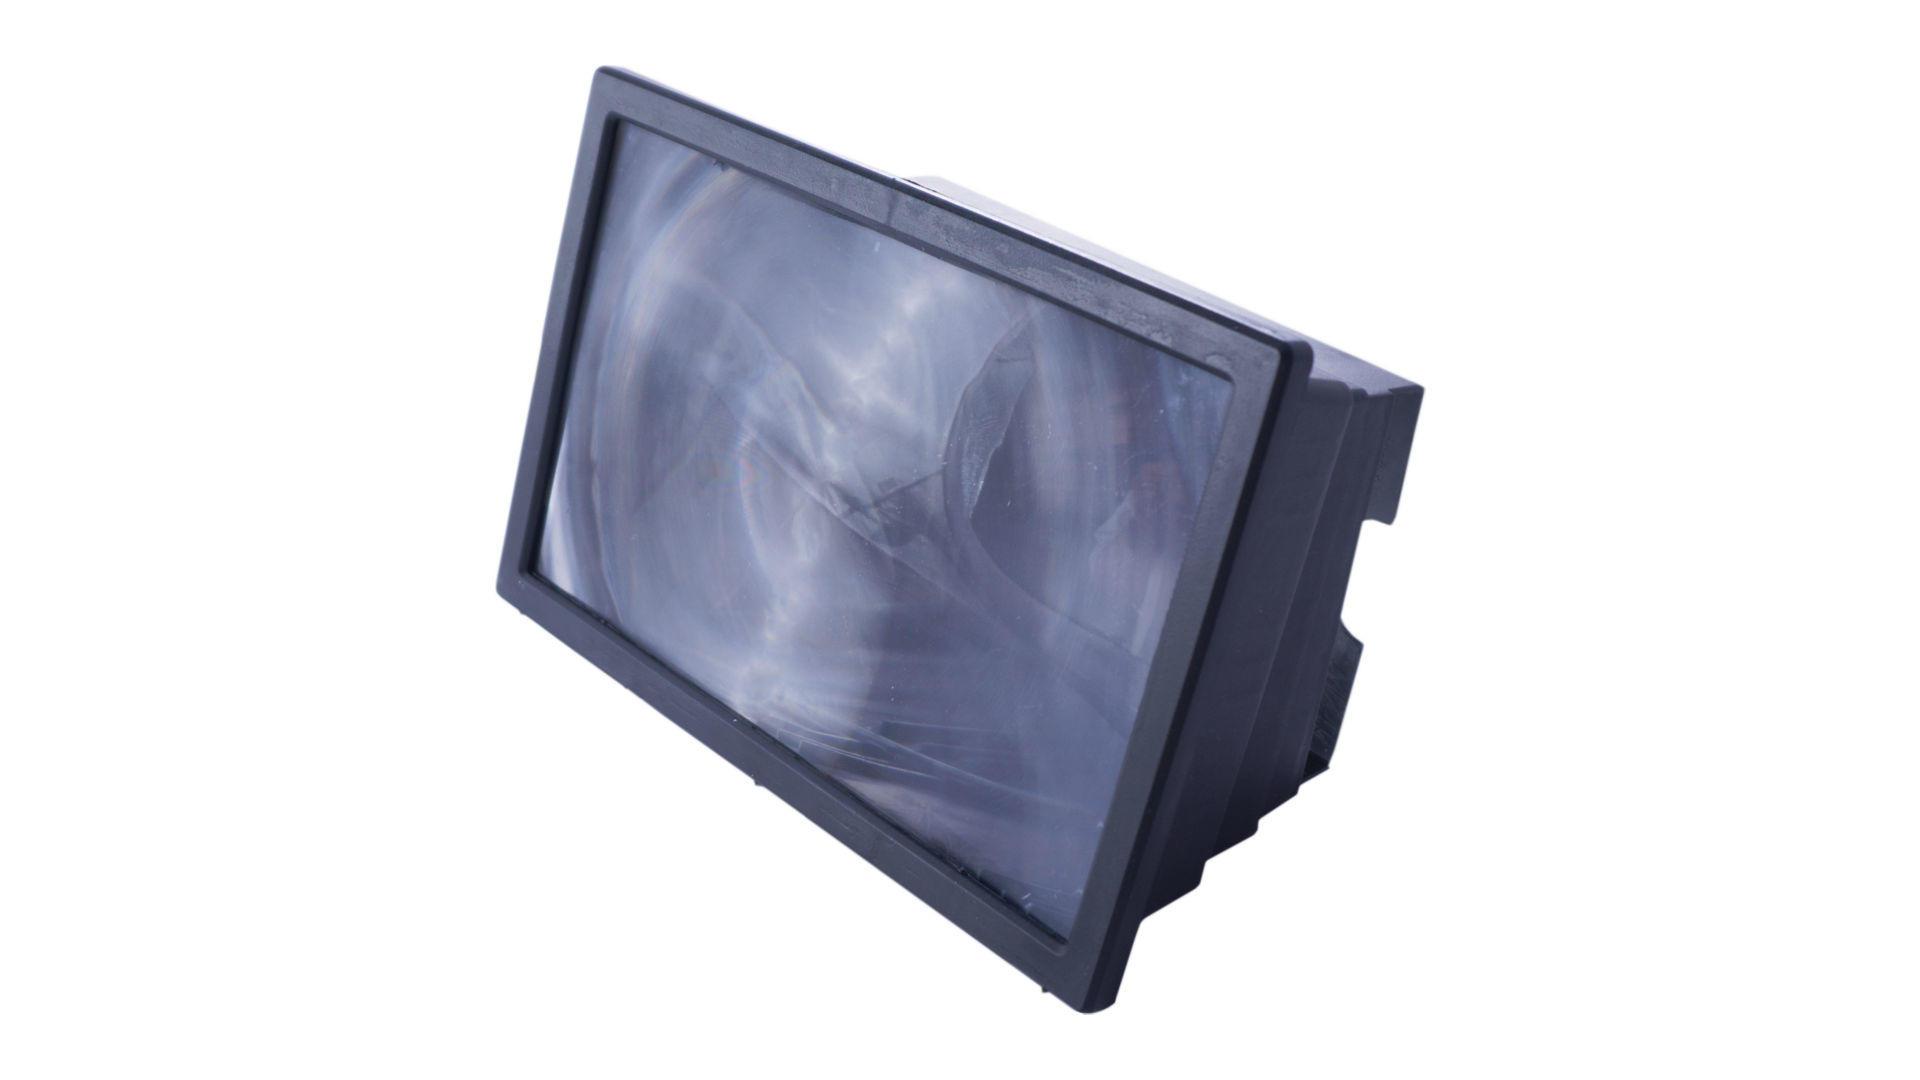 Увеличительное стекло 3D для смартфона Elite - 165 x 102 мм 5